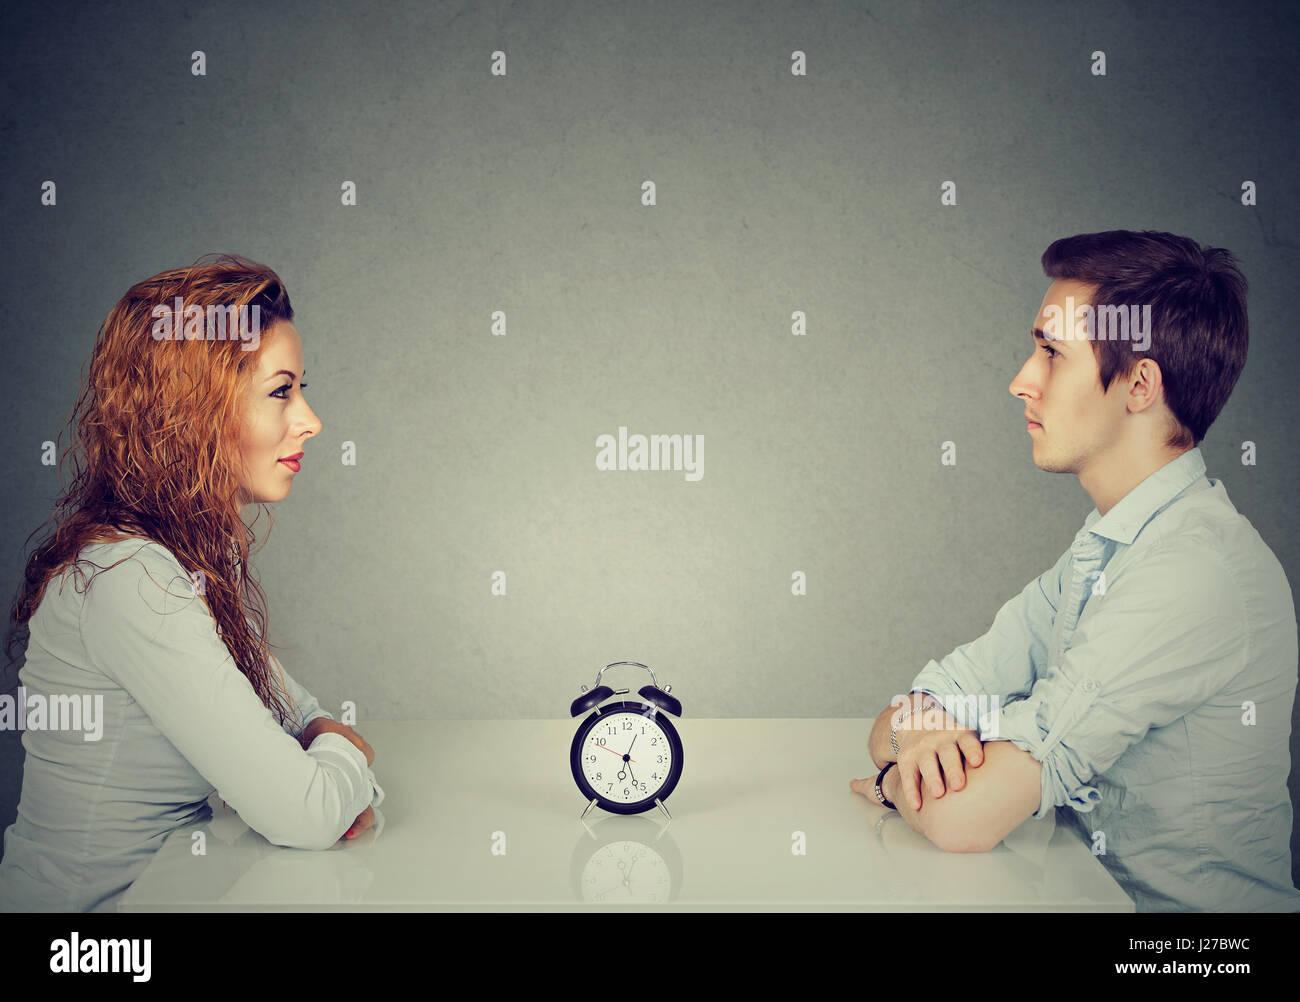 Online-Dating und das dazugehörigen Modell